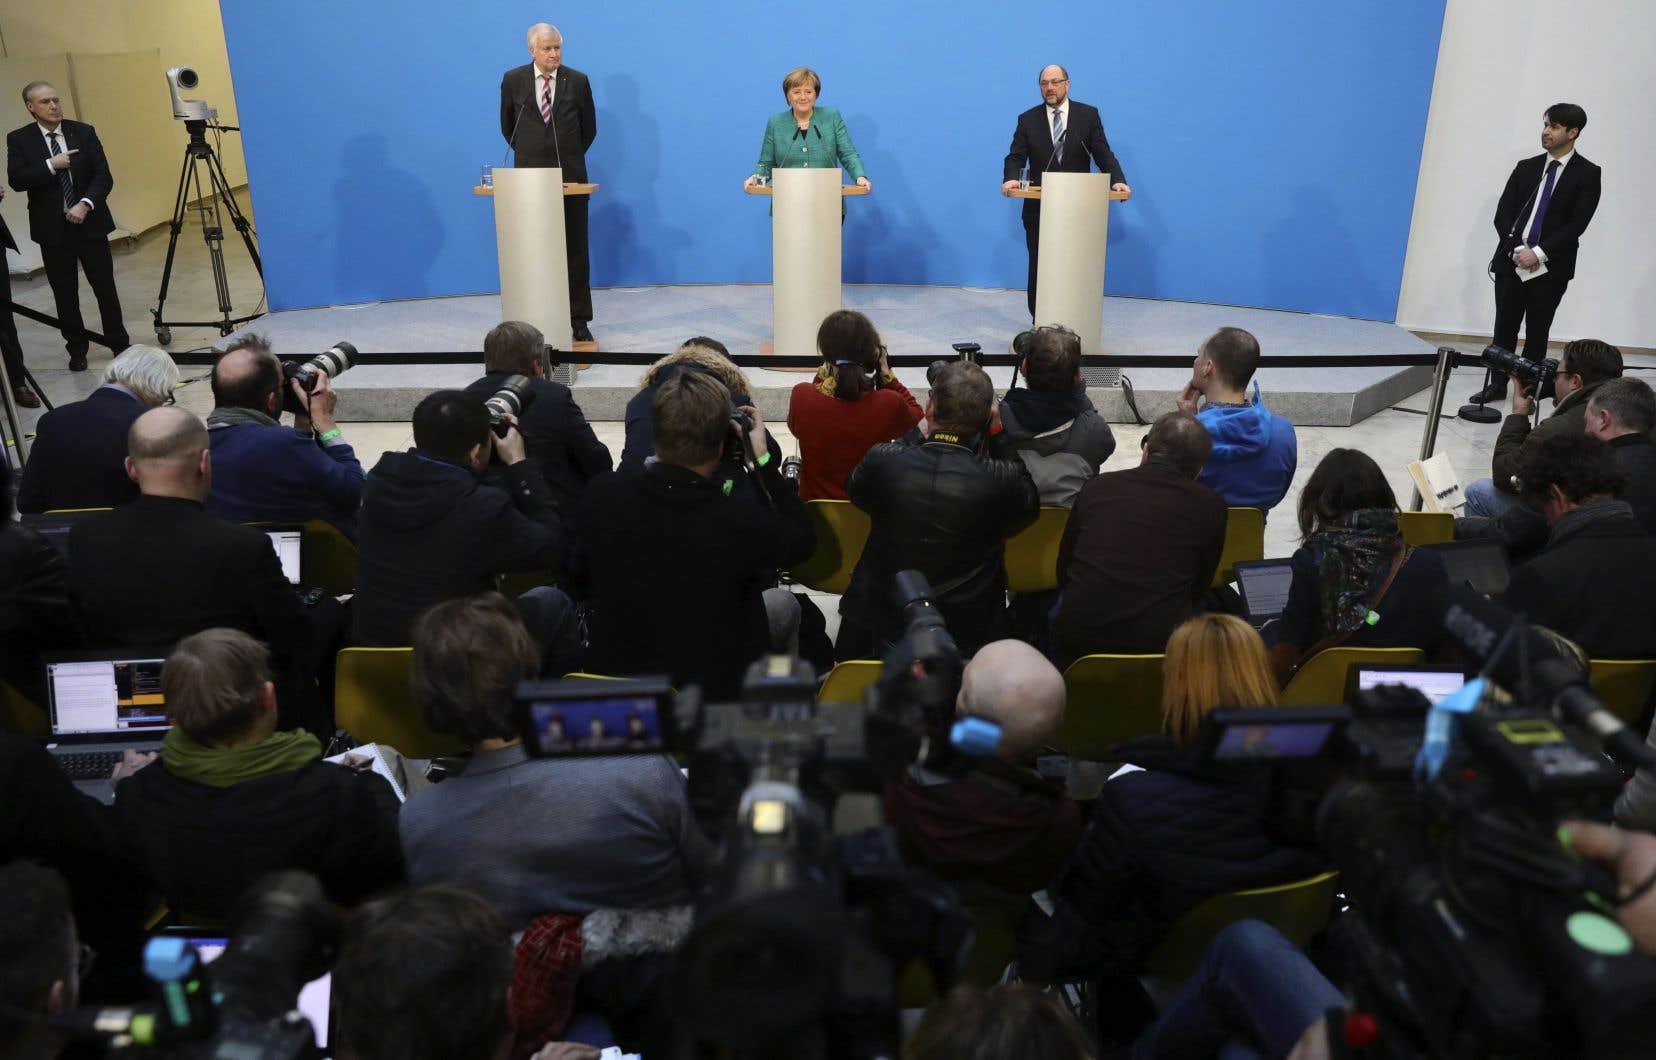 Angela Merkel, au centre, flanquée à droite du dirigeant social-démocrate, Martin Schulz, et à gauche de Horst Seehofer, de l'Union chrétienne-sociale en Bavière